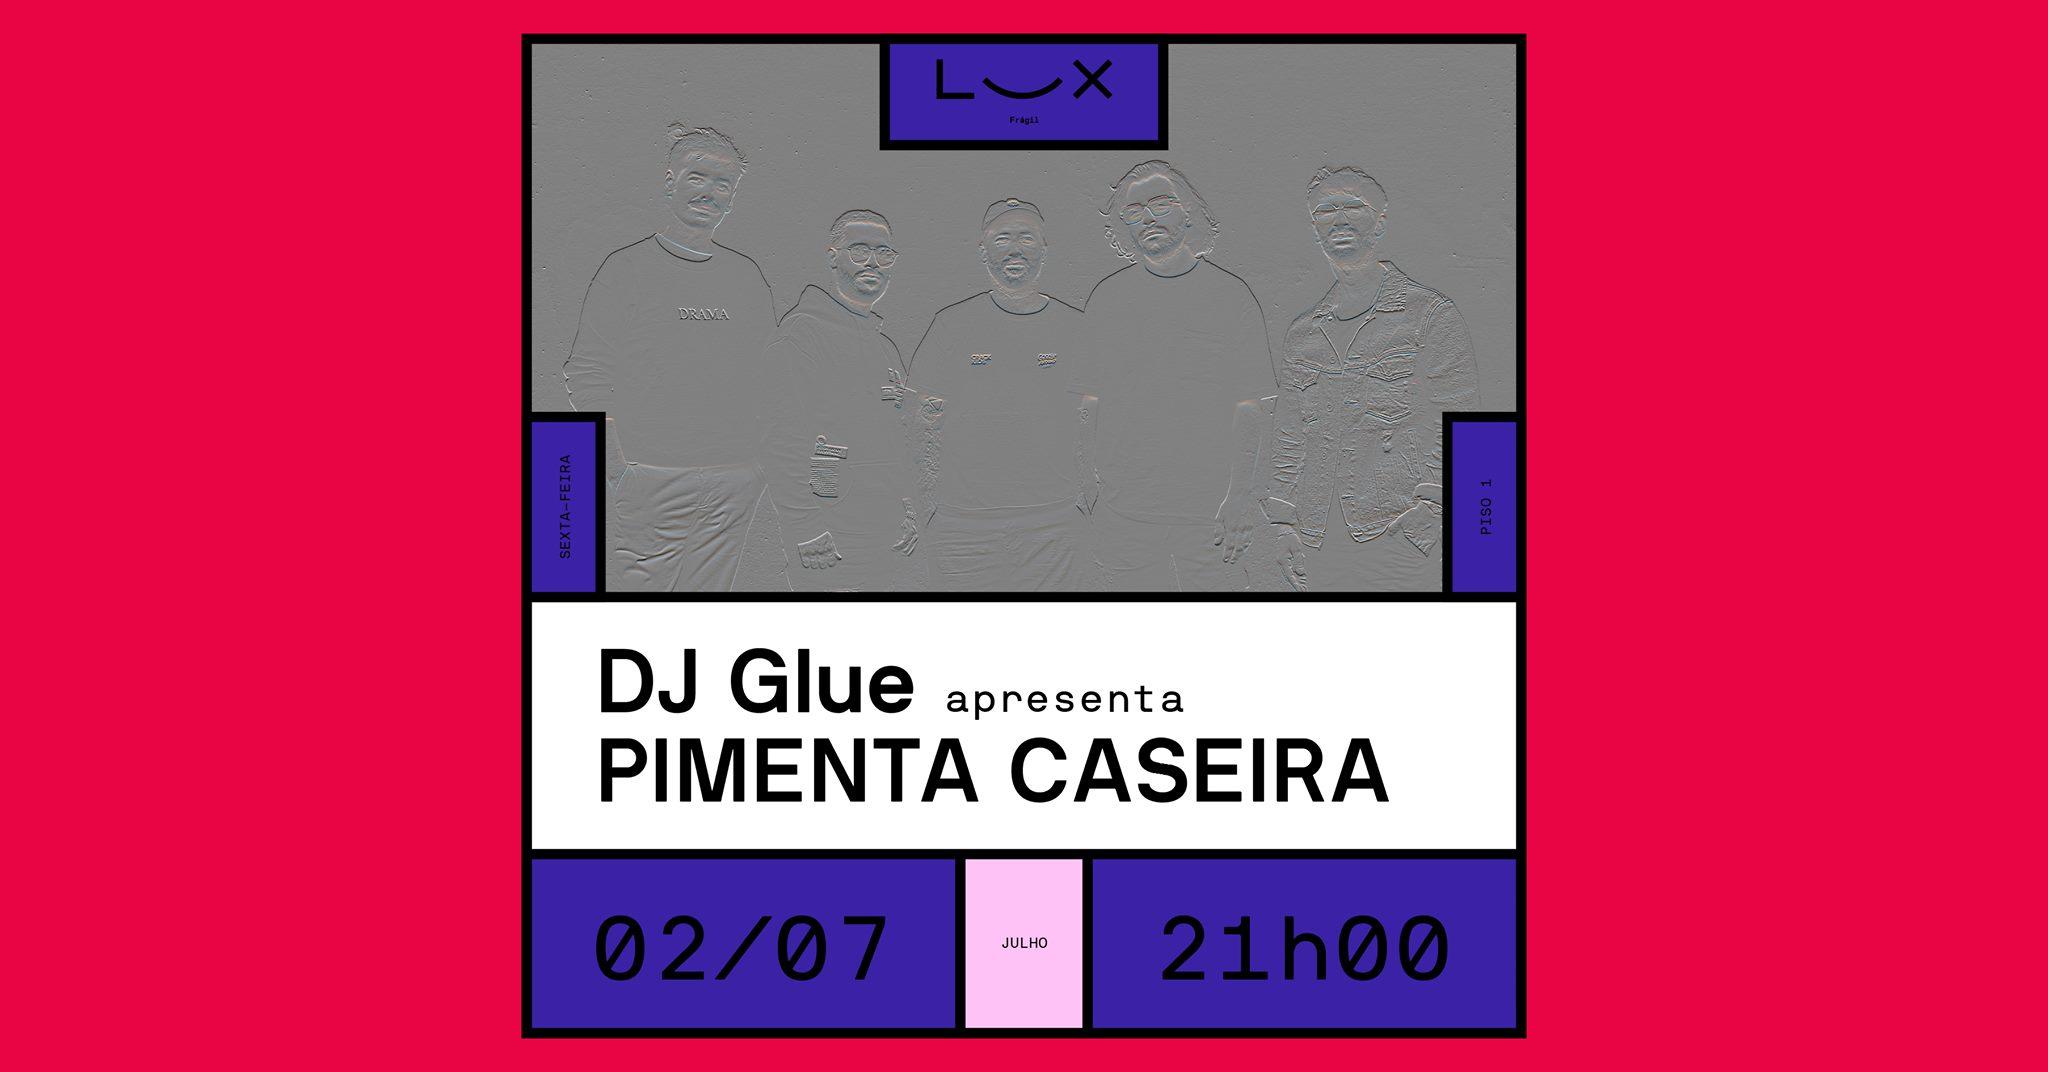 DJ Glue apresenta Pimenta Caseira